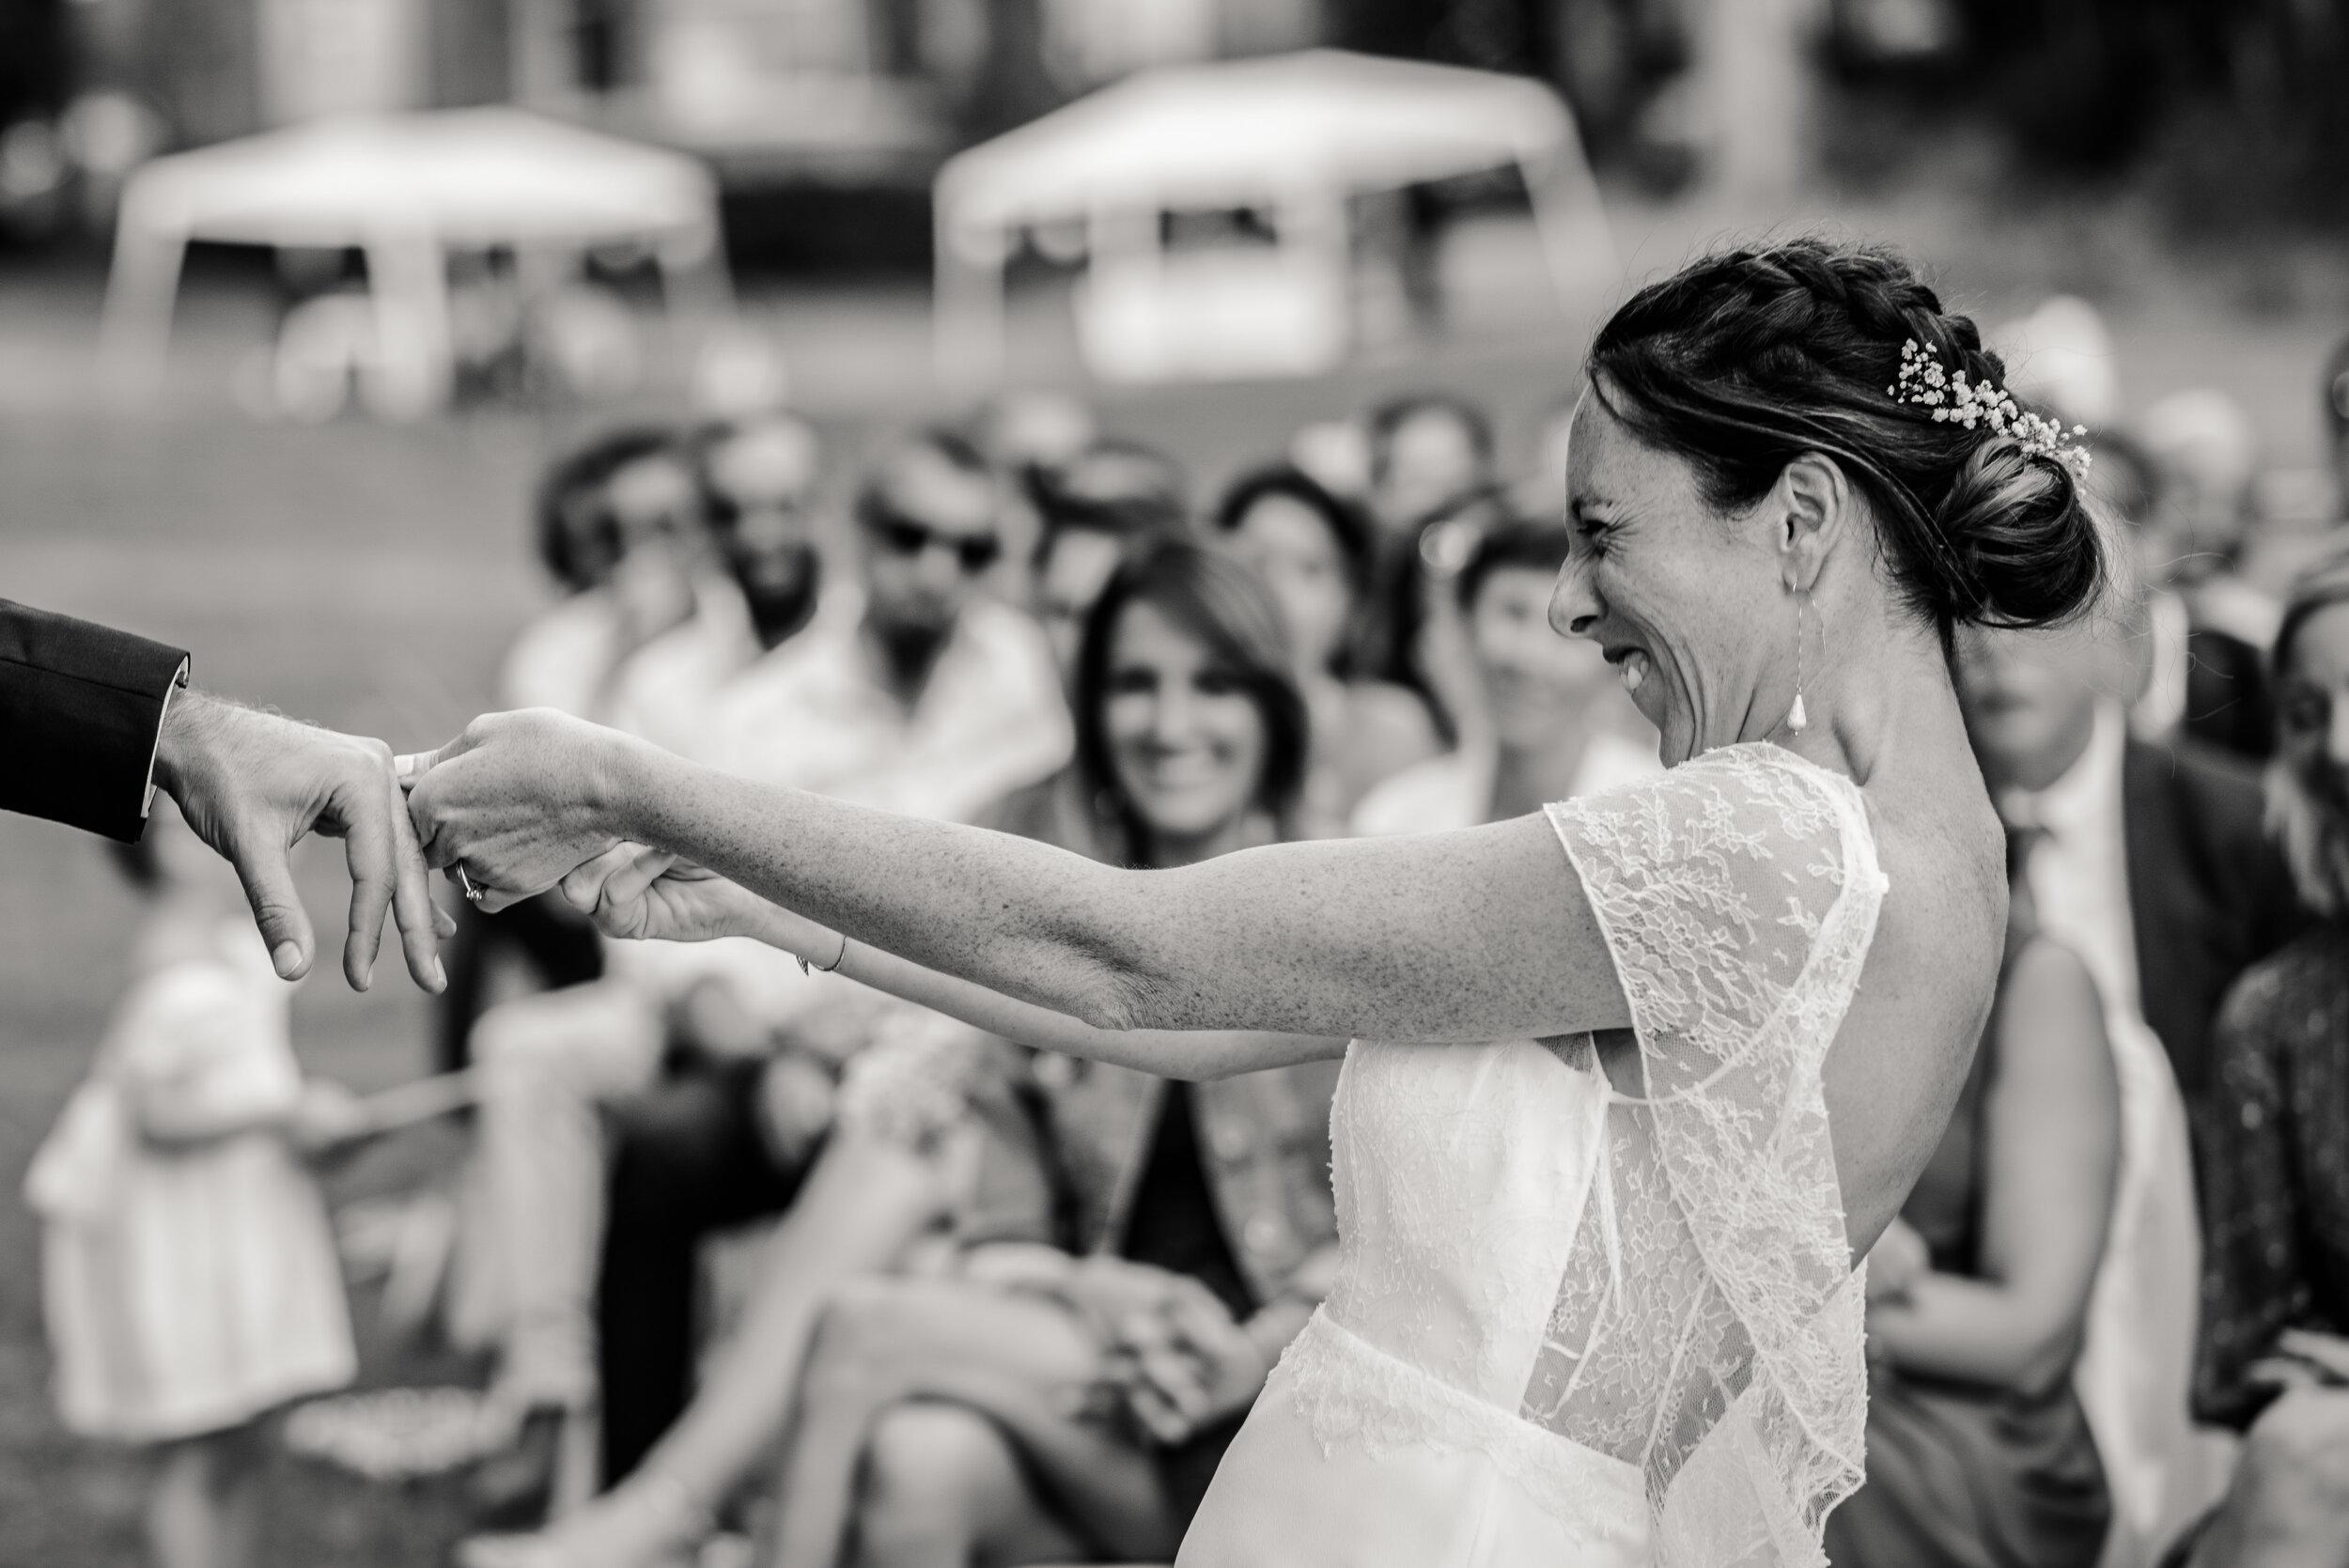 Léa-Fery-photographe-professionnel-Bretagne-portrait-creation-mariage-evenement-evenementiel-famille-2380.jpg